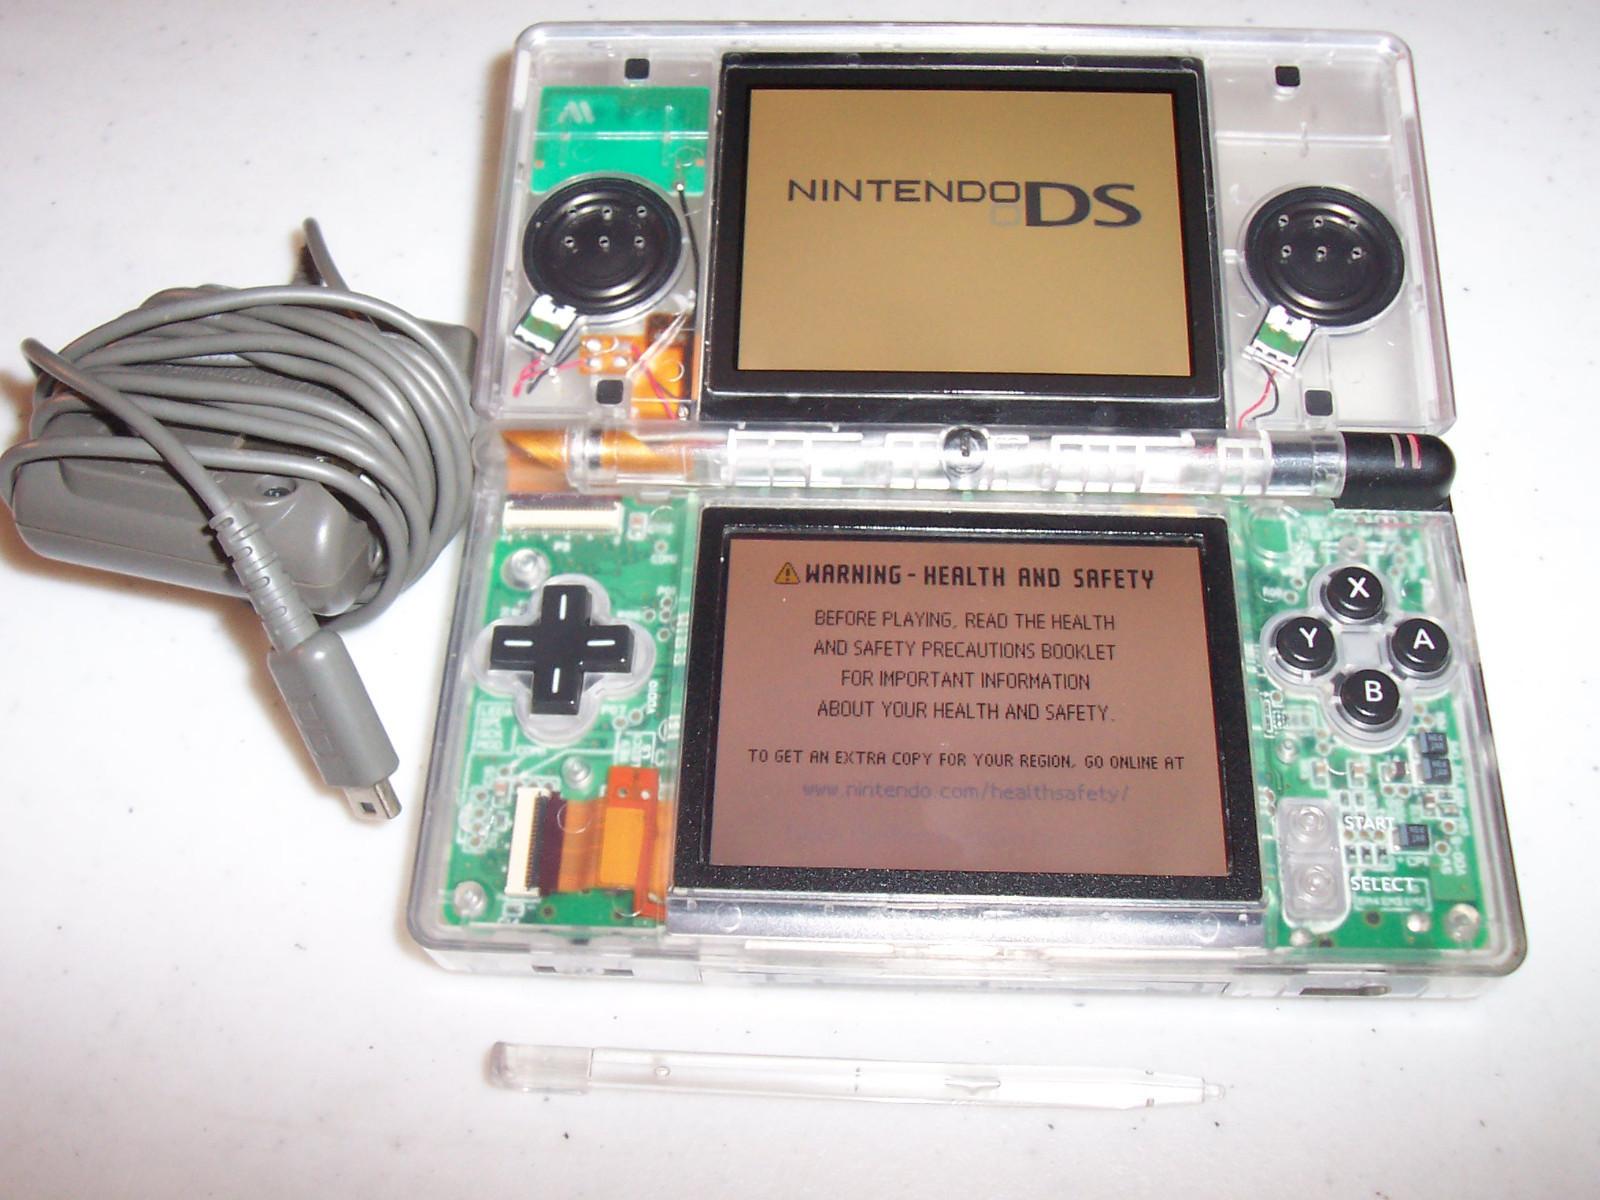 Nintendo DS Vs The Sony PSP